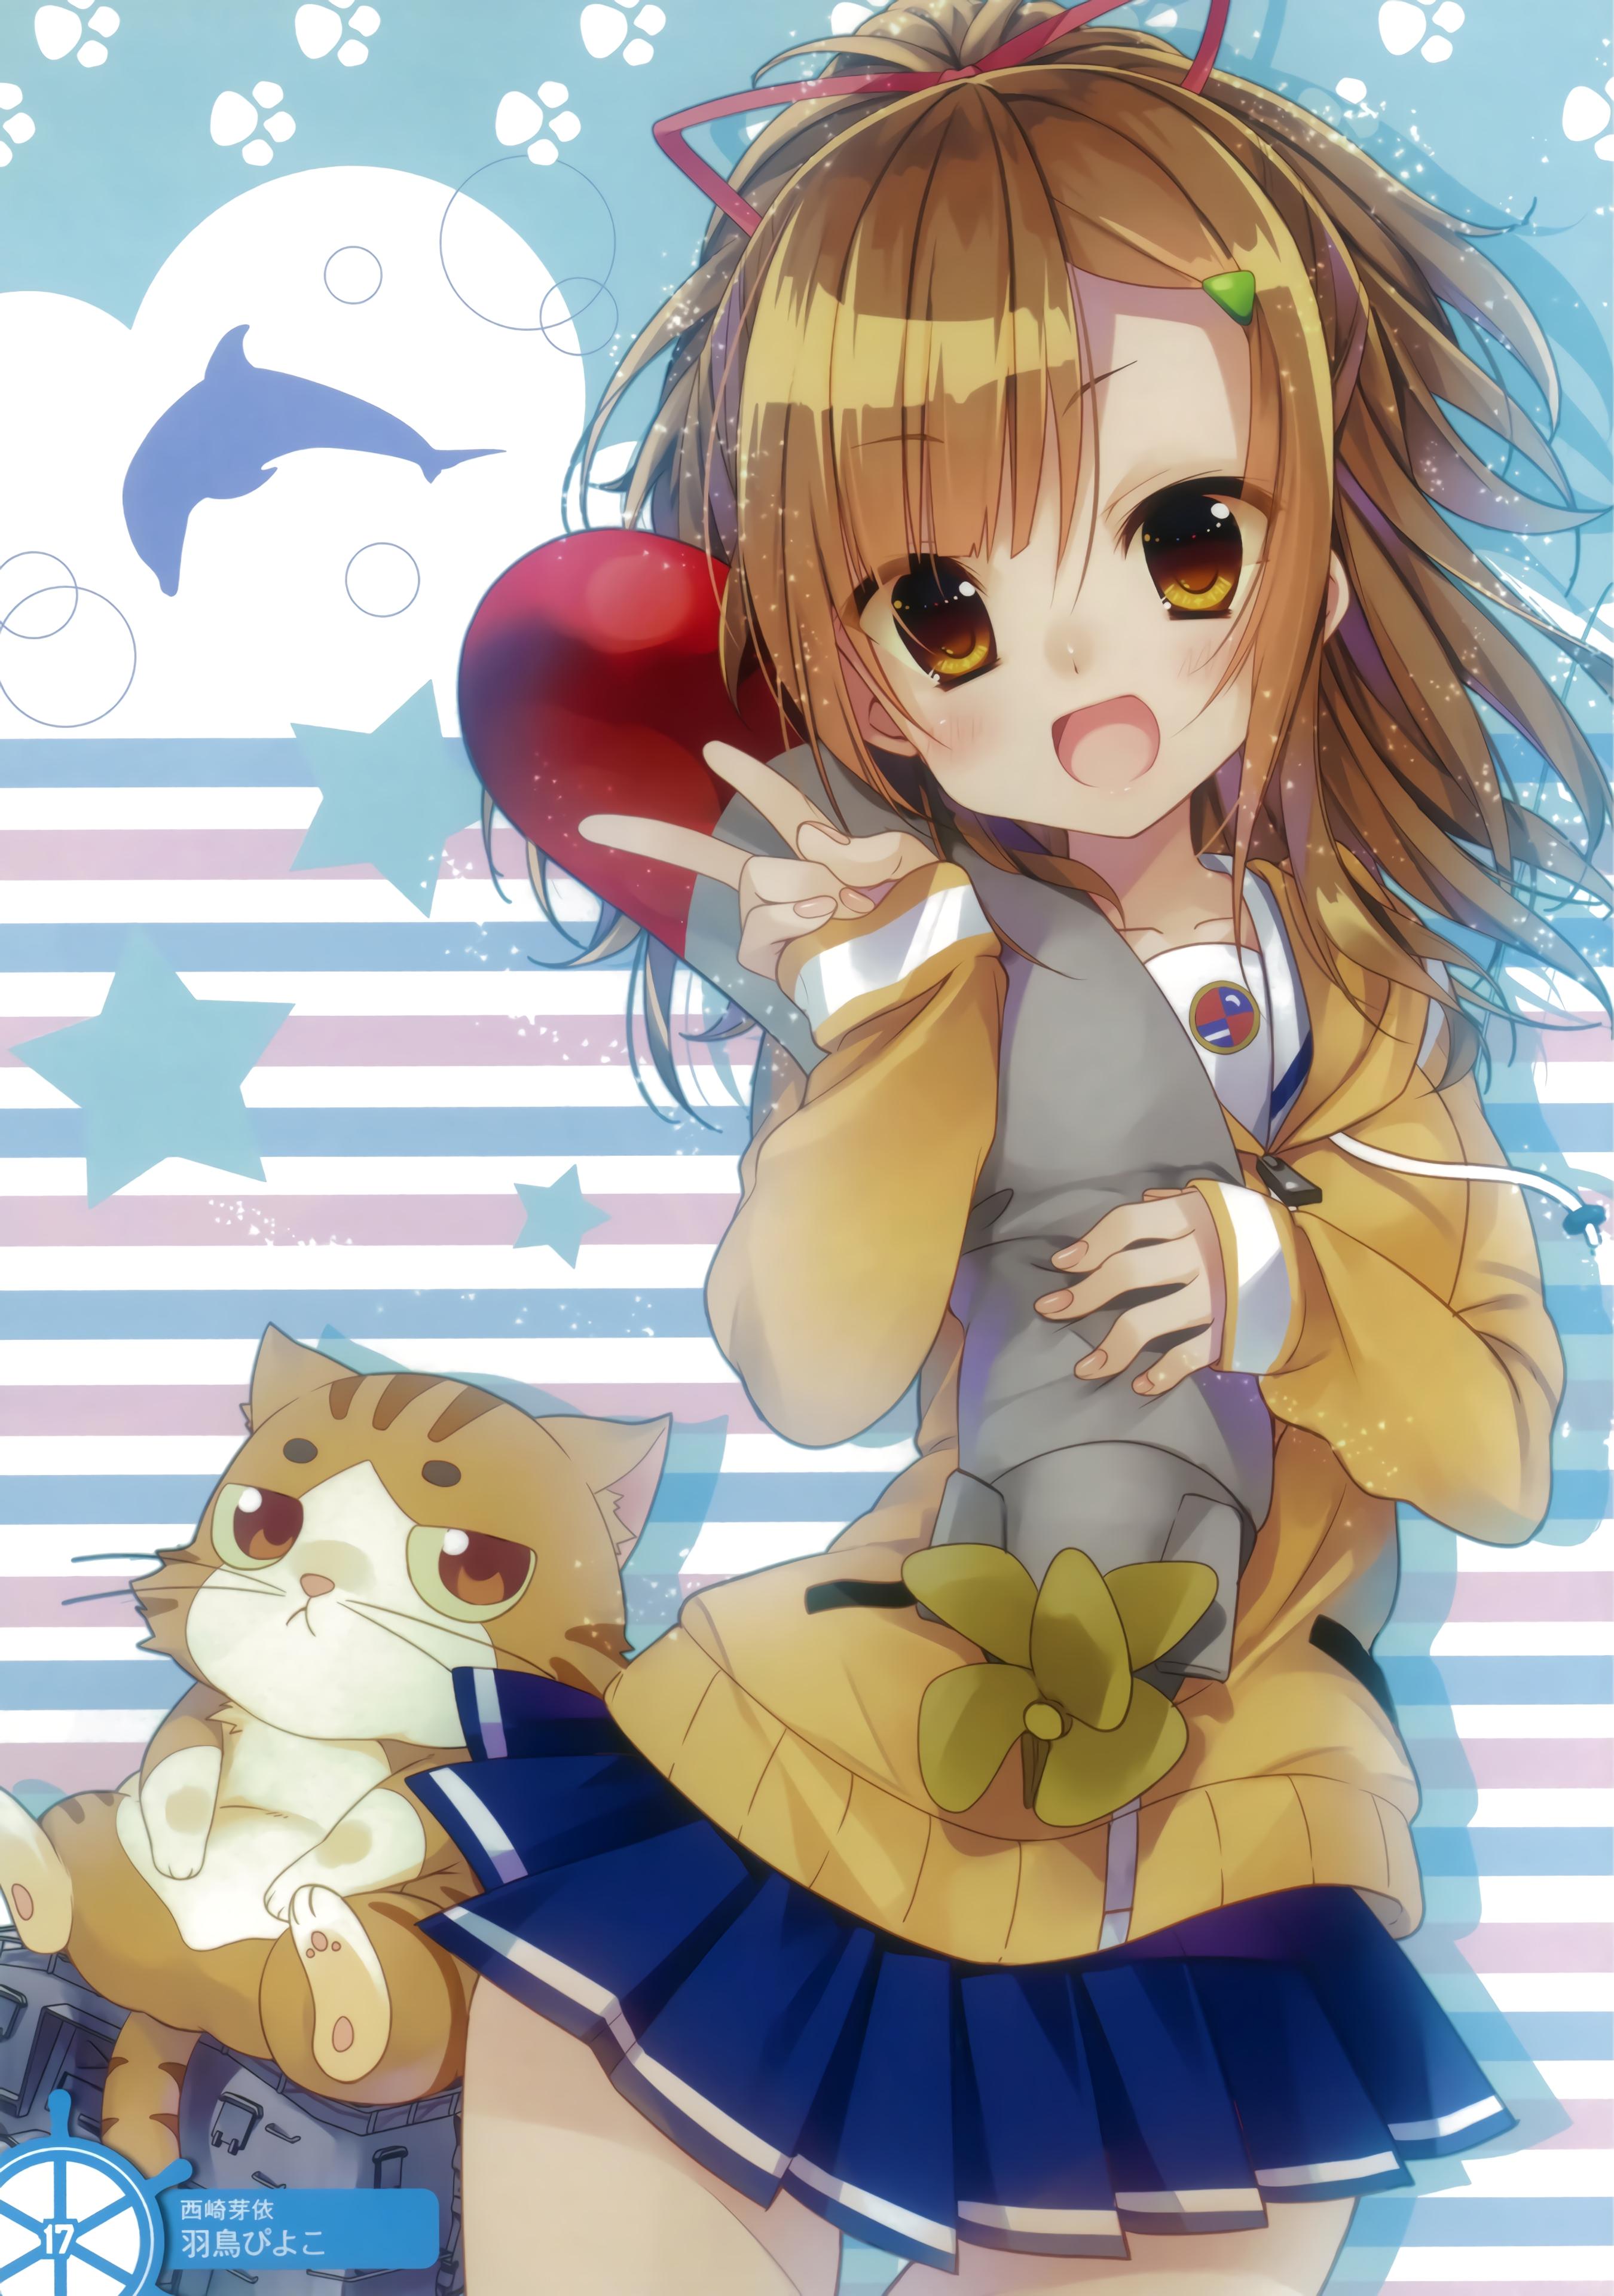 High School Fleet - Zerochan Anime Image Board